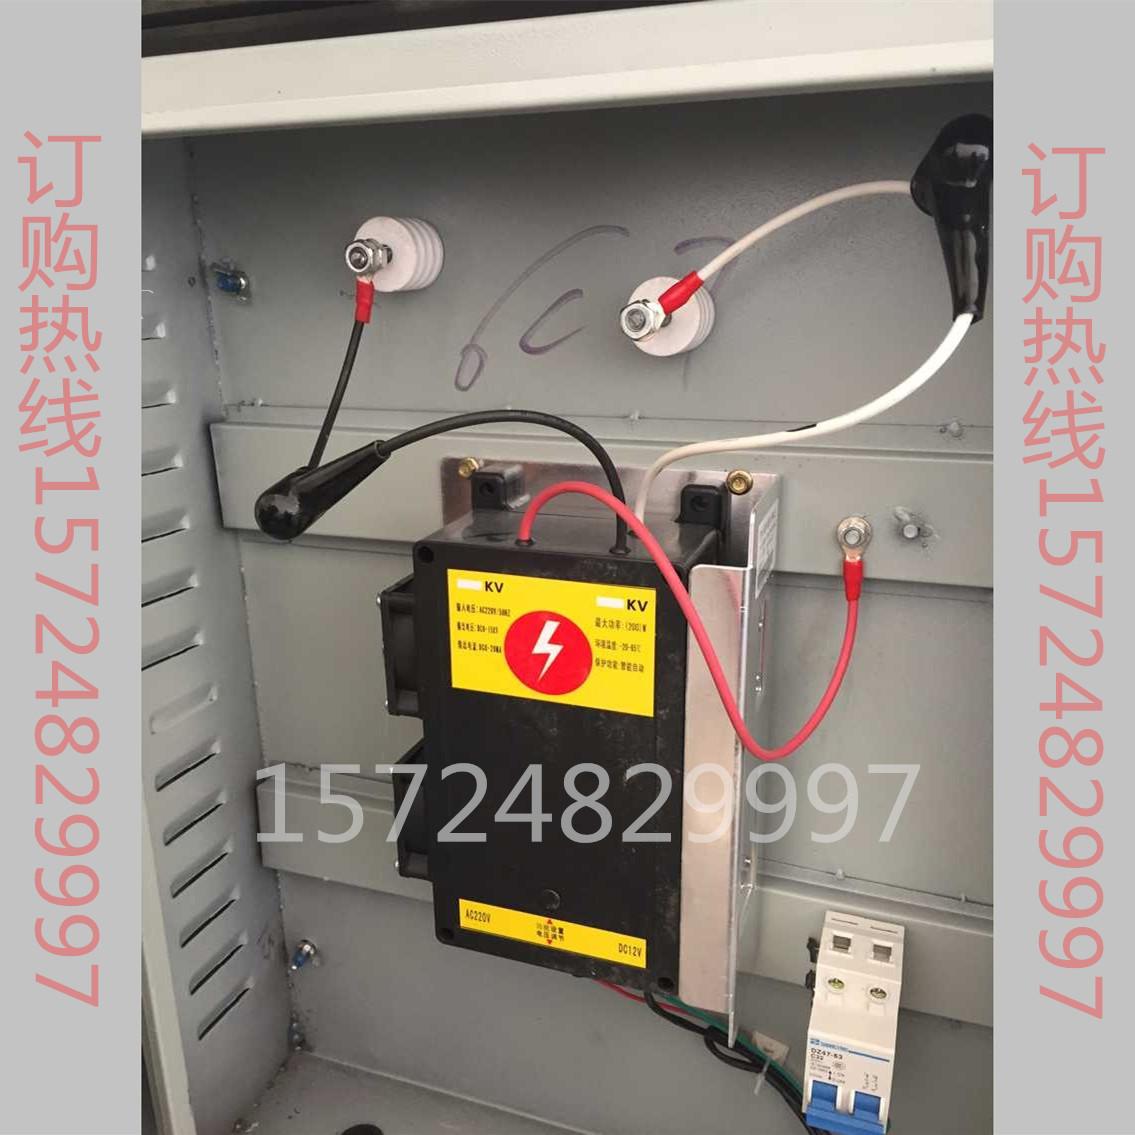 精装200W等离子油烟净化器电源/烧烤炉专用电源/废气净化高压电源